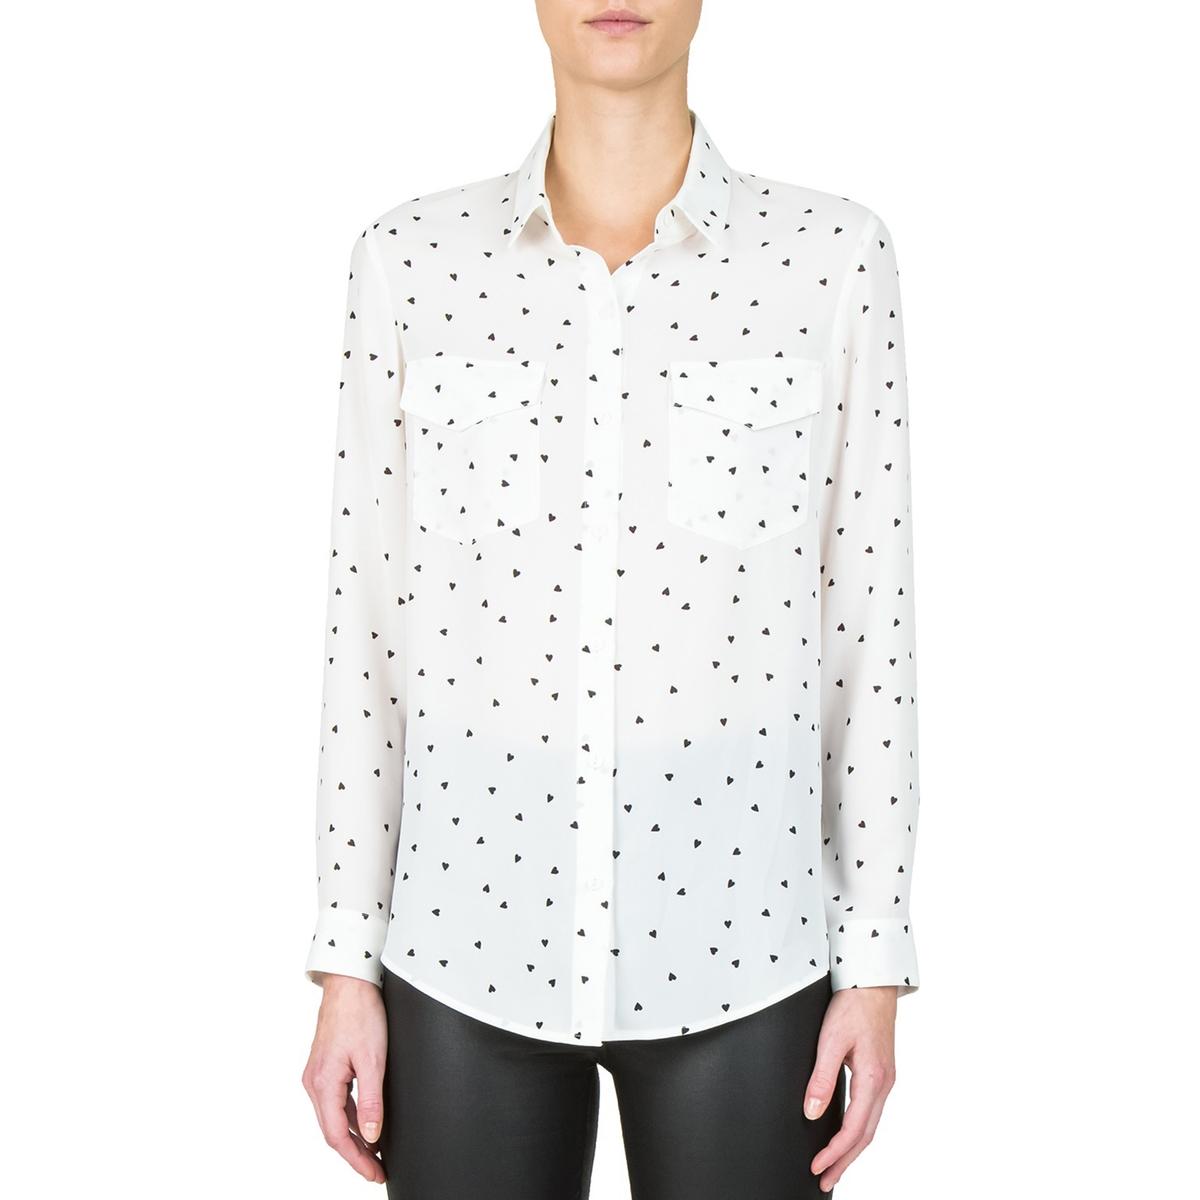 Рубашка с принтом сердечкиОписание:Рубашка с длинными рукавами THE KOOPLES. Шелк с принтом сердечки и нагрудные карманы с клапанами .  . Низ рукавов на пуговицах и закругленный низ . Детали •  Длинные рукава •  Прямой покрой •  Воротник-поло, рубашечный •  Рисунок-принтСостав и уход •  100% полиэстер •  Следуйте советам по уходу, указанным на этикетке<br><br>Цвет: рисунок/экрю